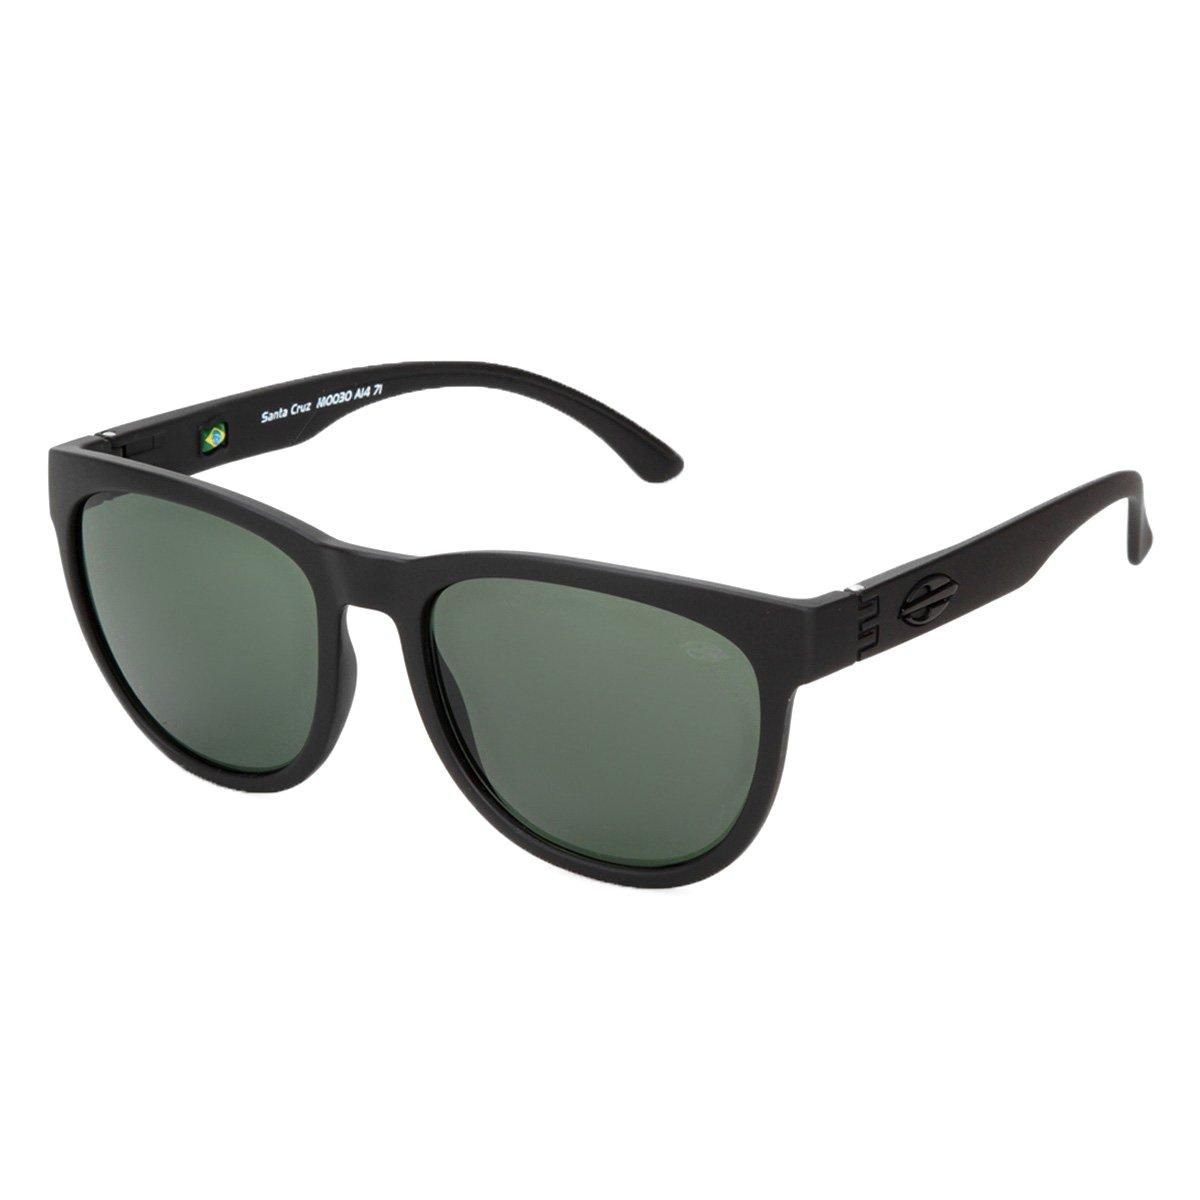 17bec7a915ed6 Óculos Mormaii Santa Cruz - Compre Agora